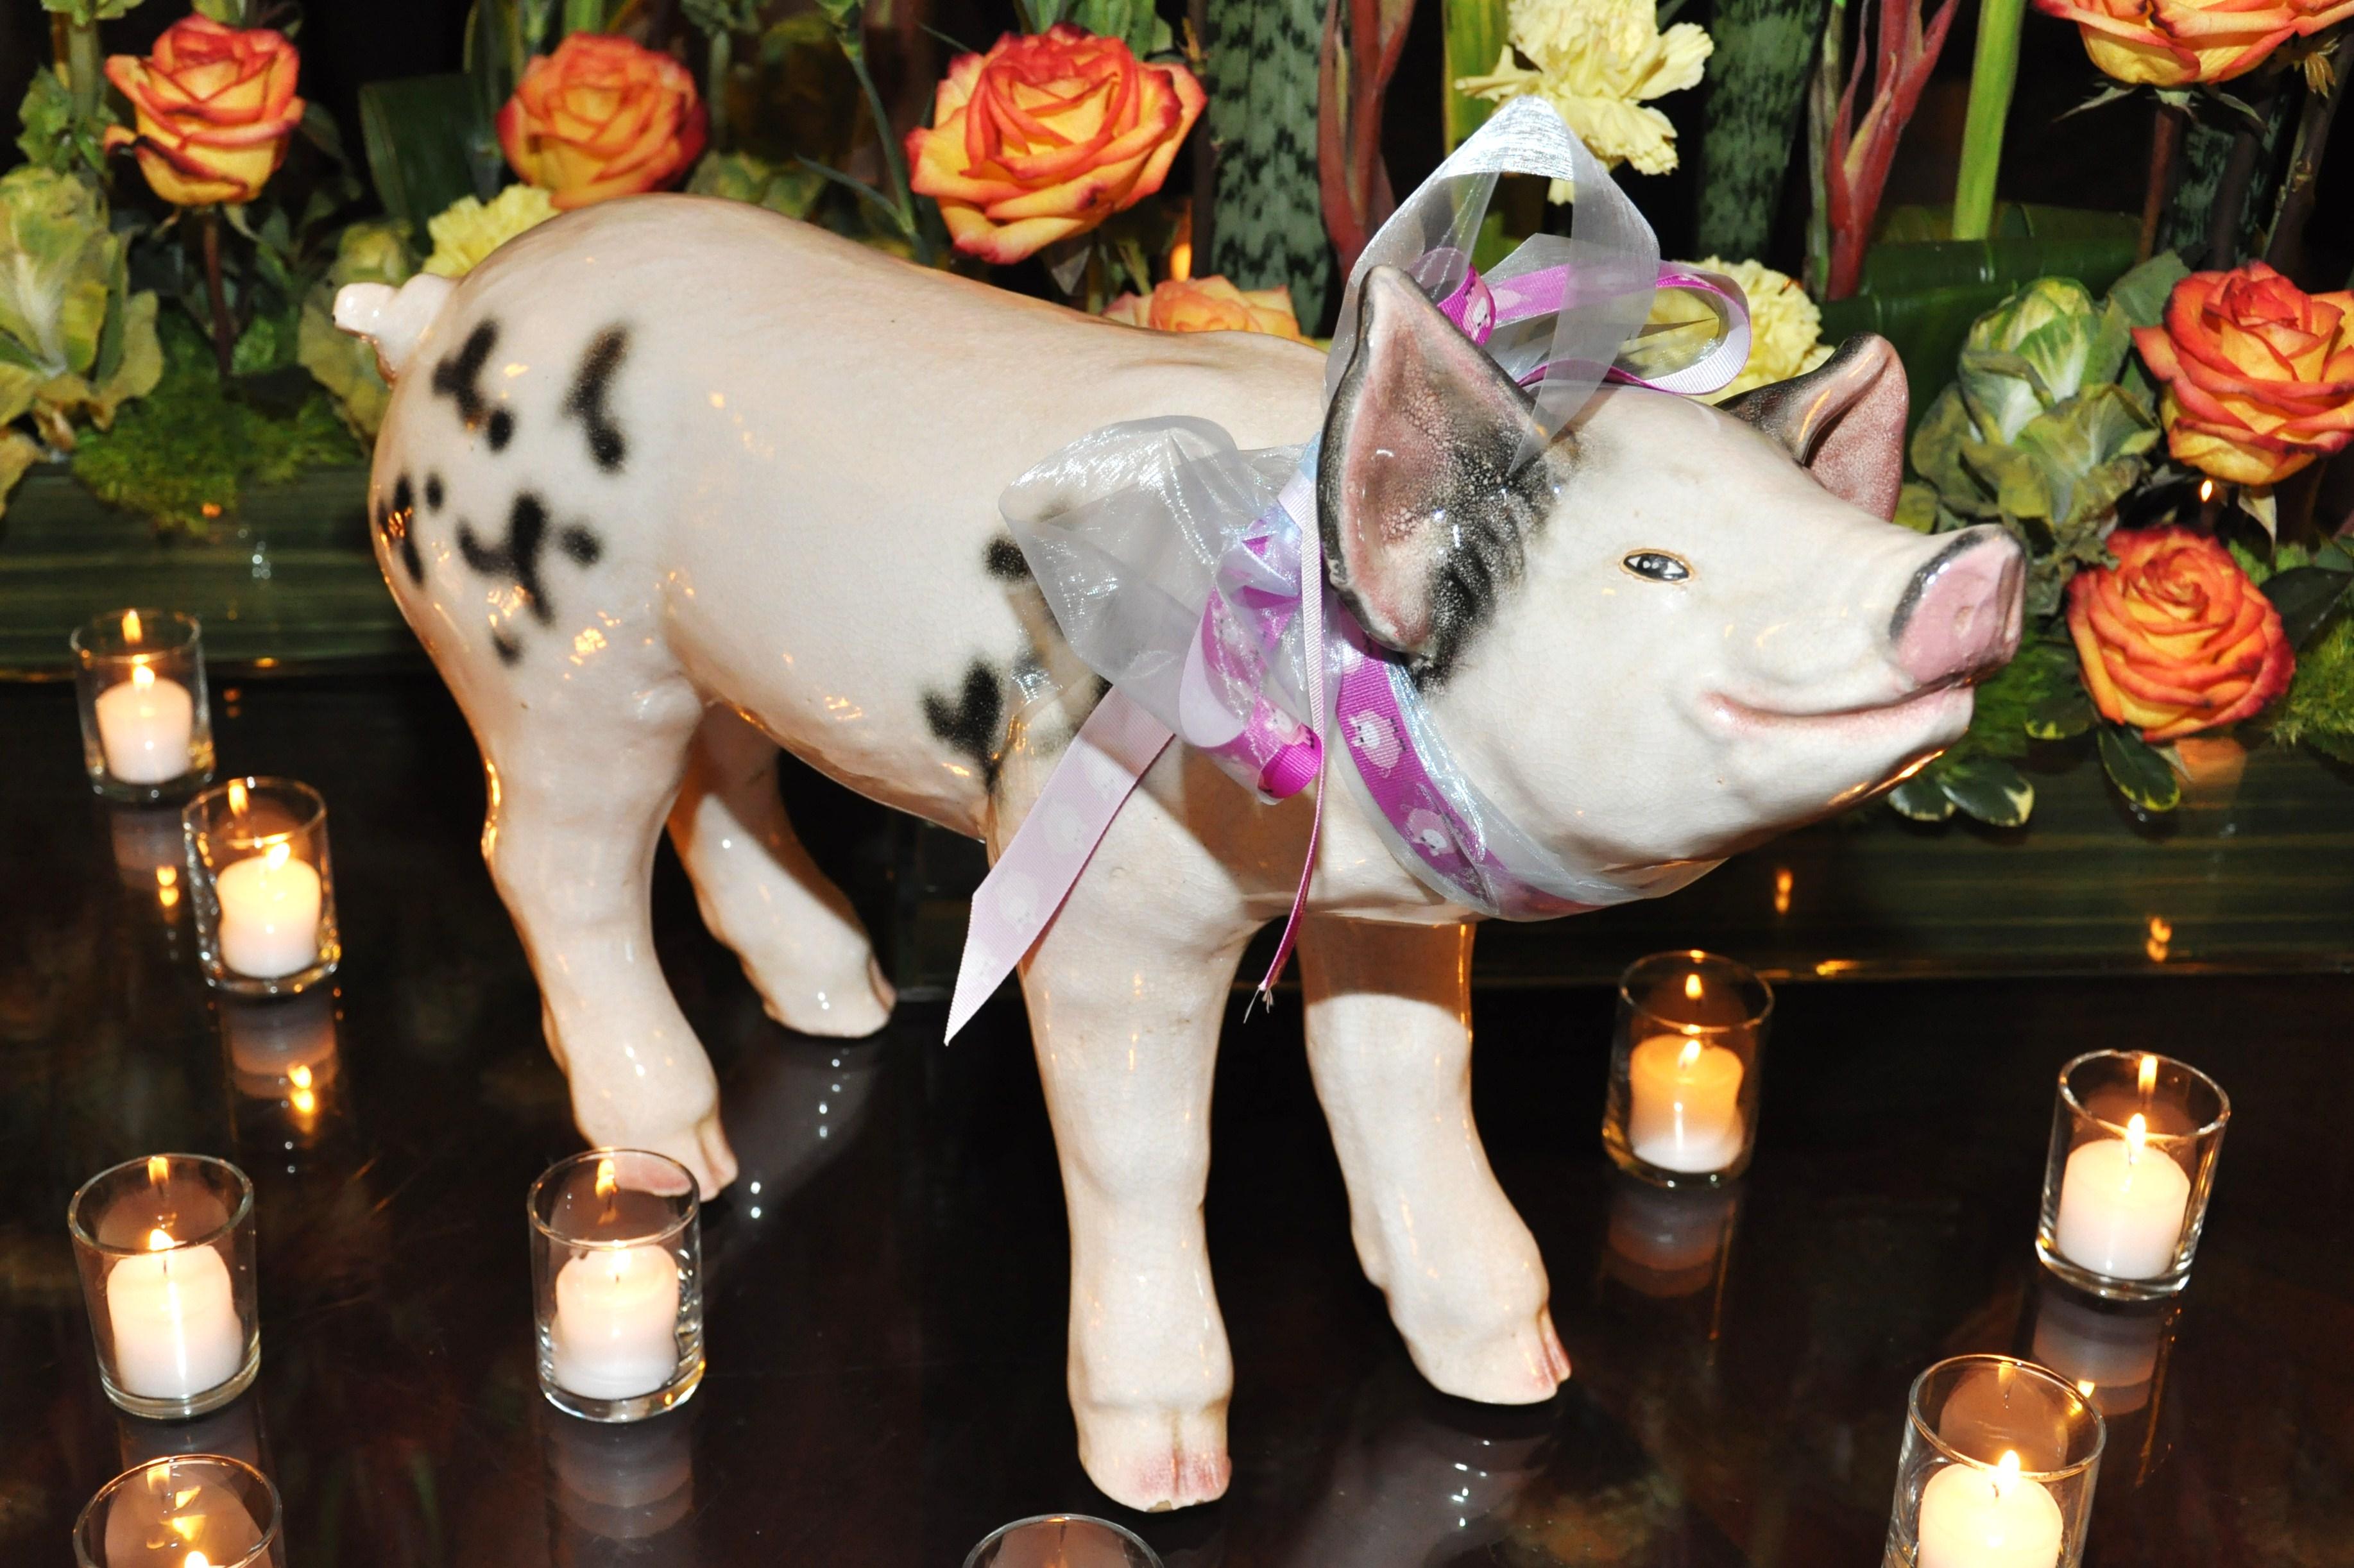 Pig Display